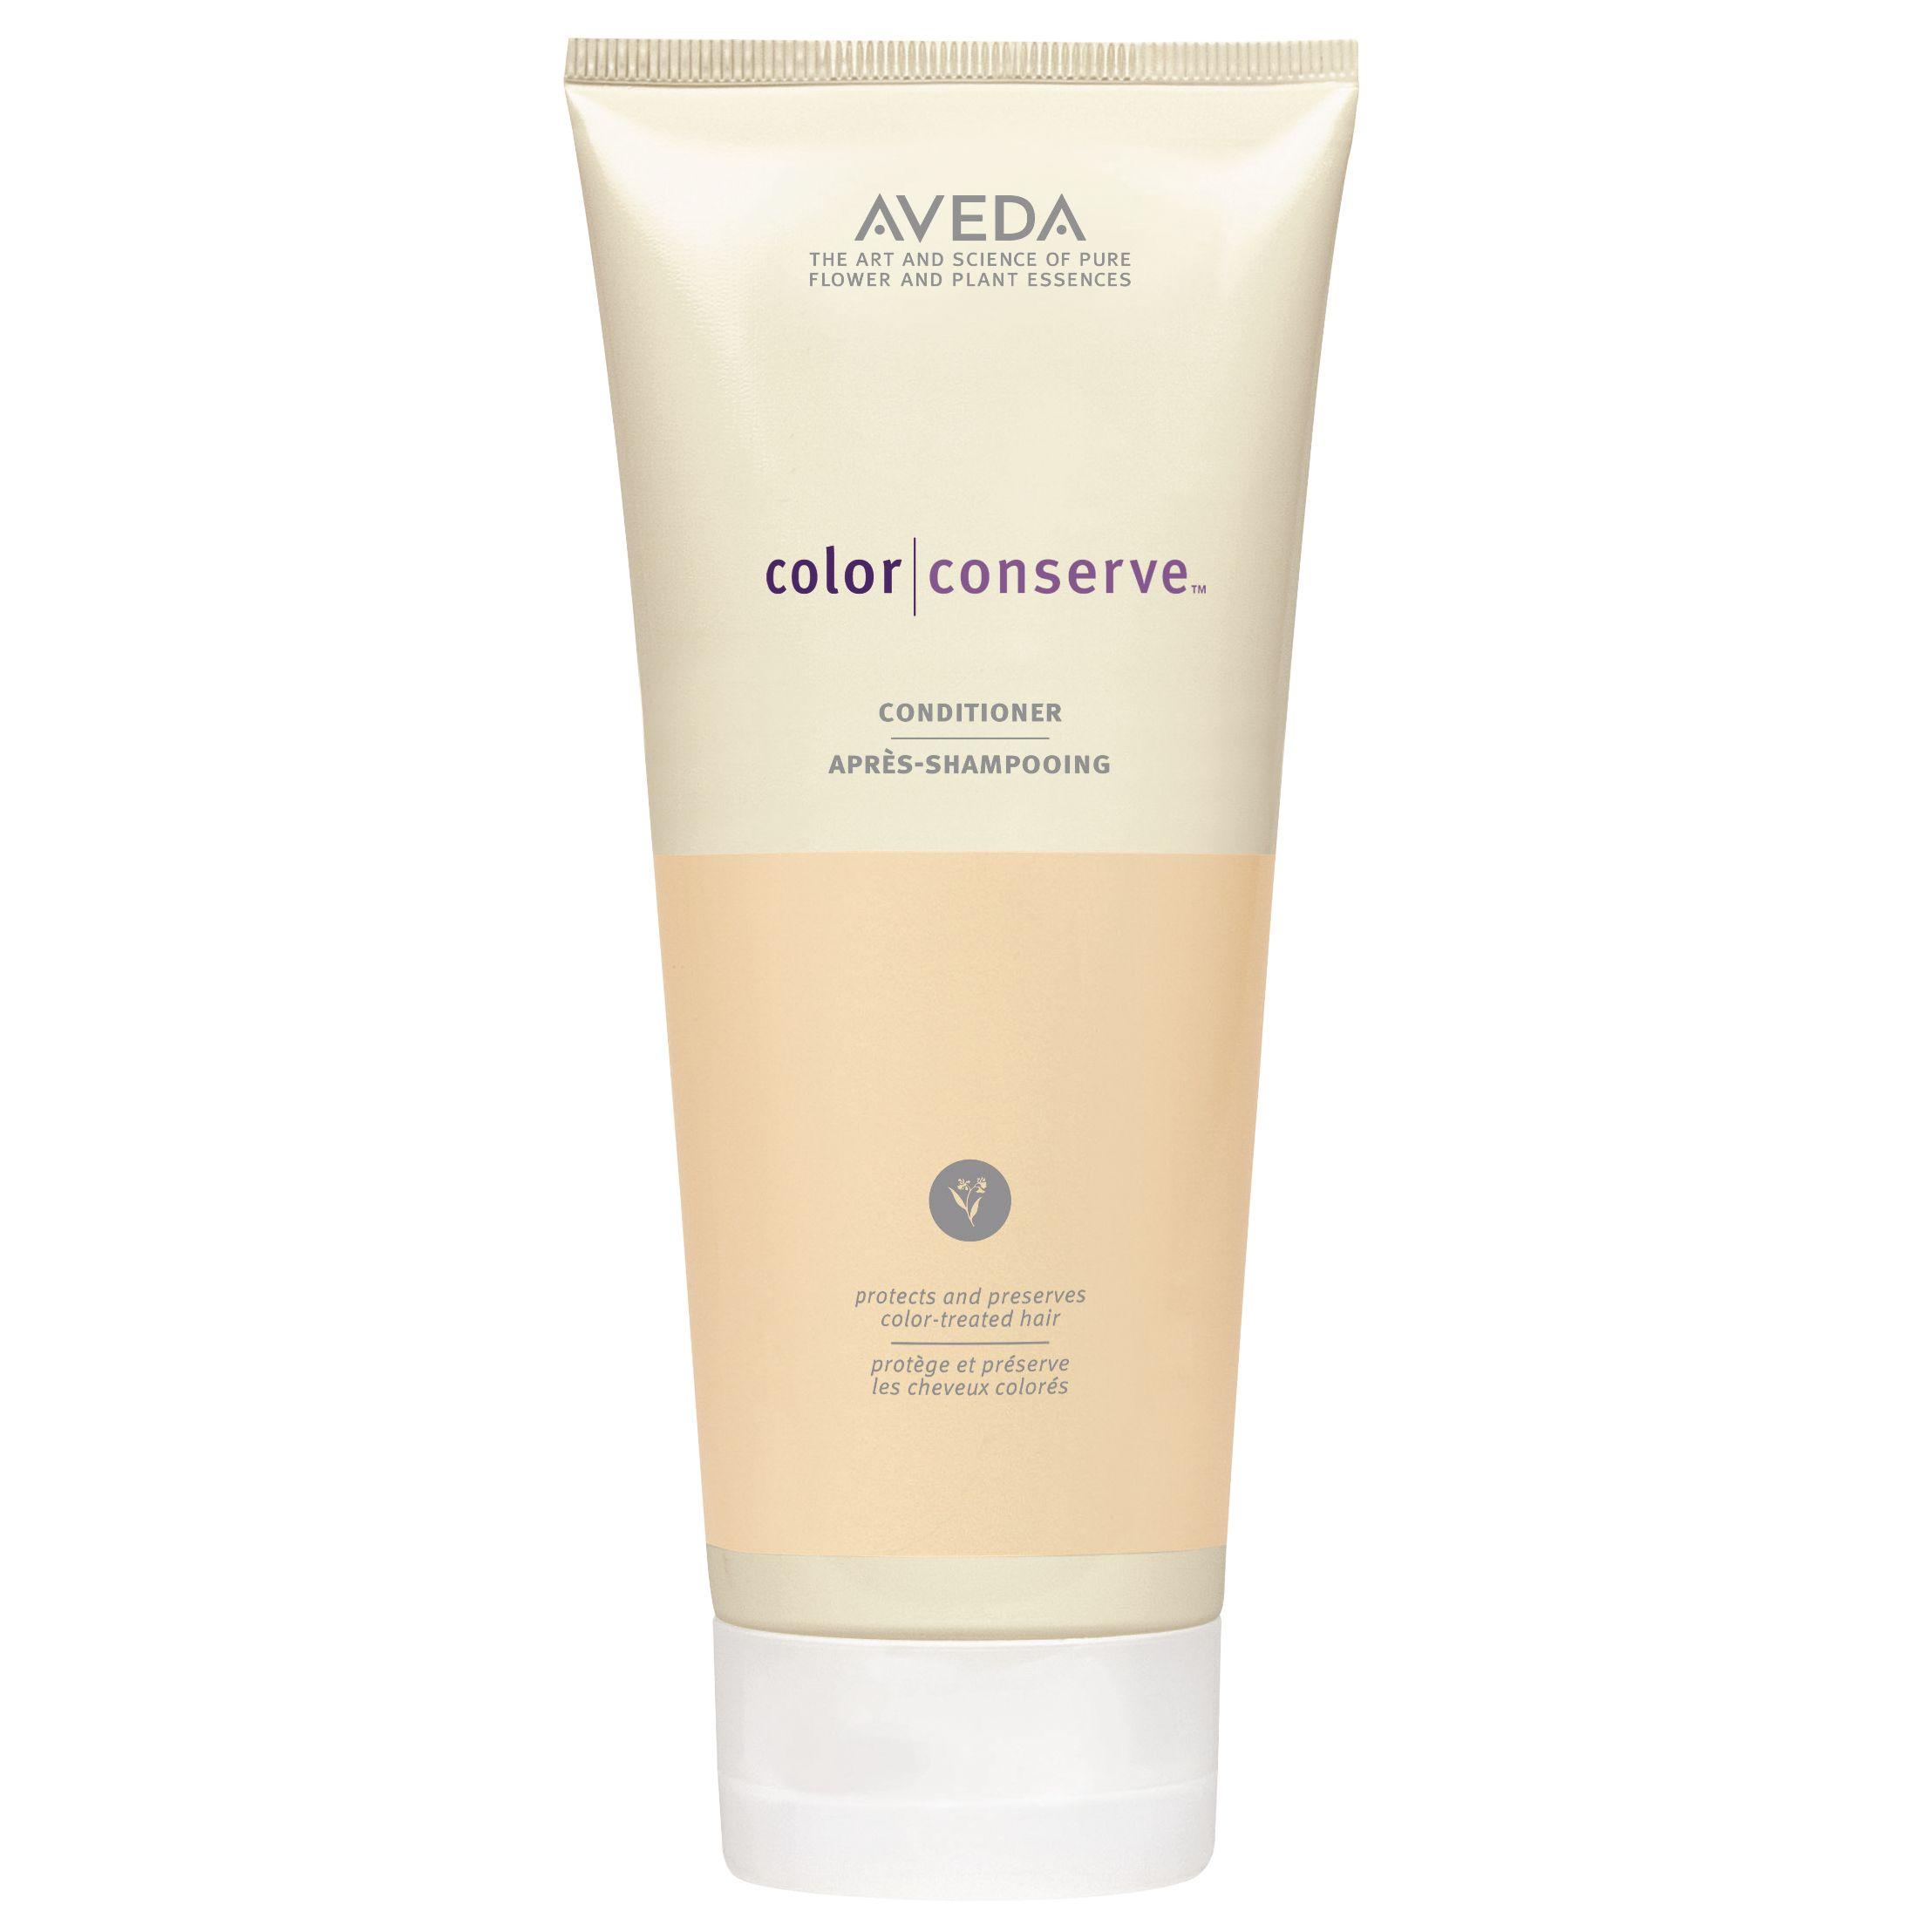 AVEDA Aveda Color Conserve™ Conditioner